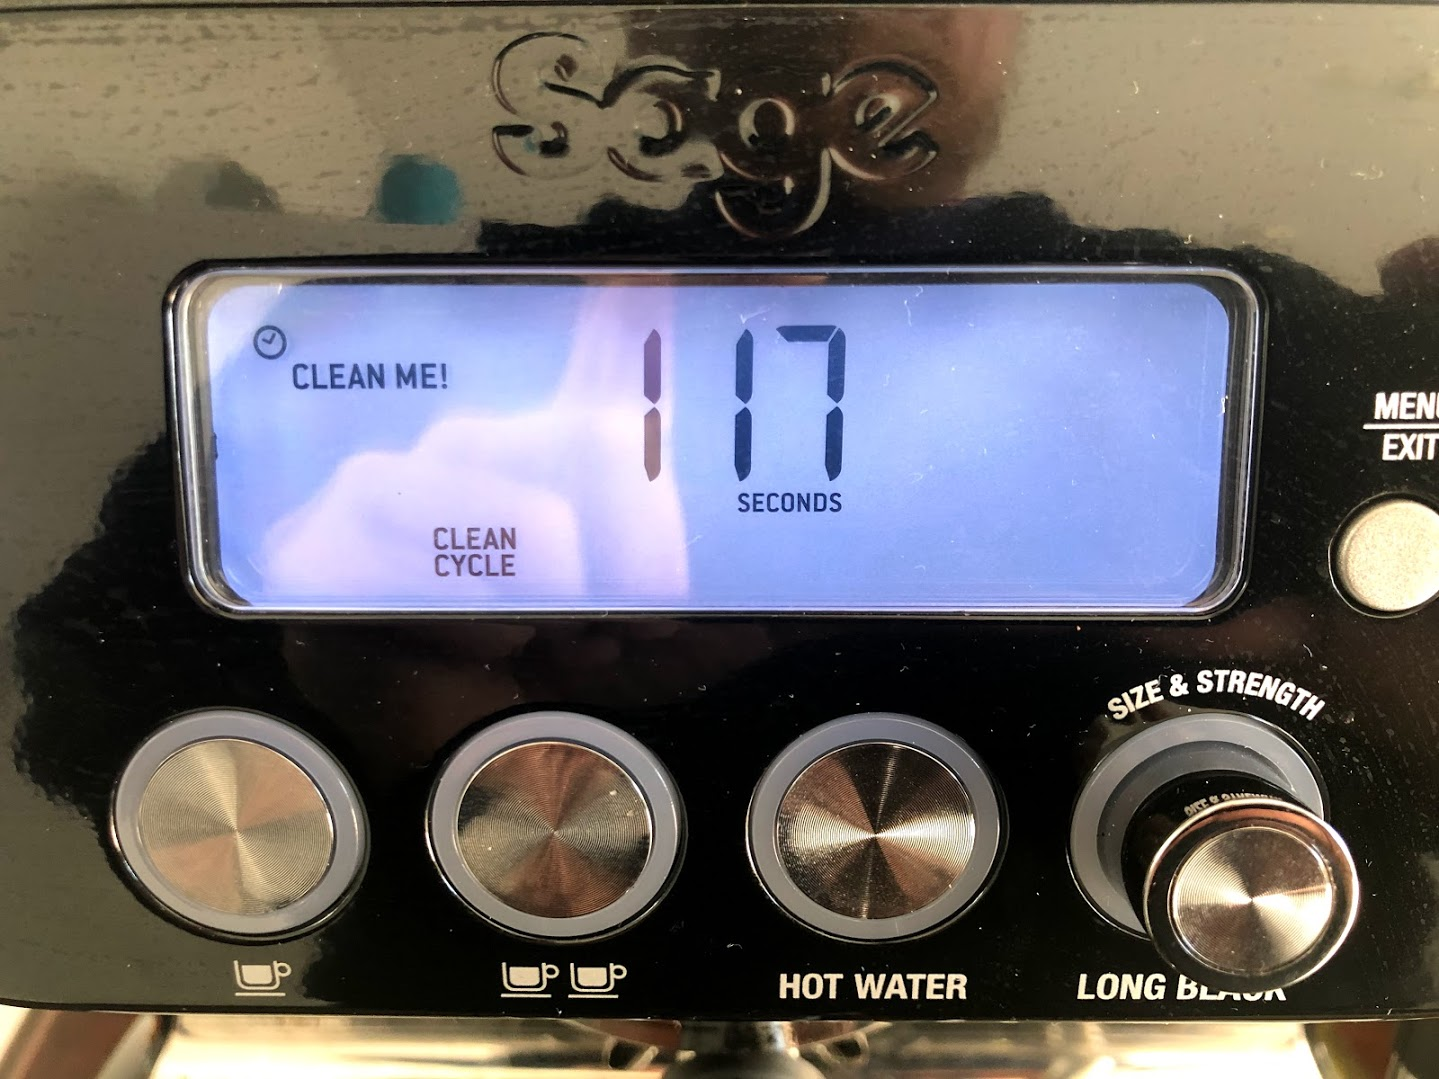 test sage oracle anmeldelse af sage the oracle touch bedste espresso espressomaskine fuldautomatisk semiautomatisk god kaffe maskine automatisk mælkesteamer portafilter knockbox afkalkning descale descaler afkalker